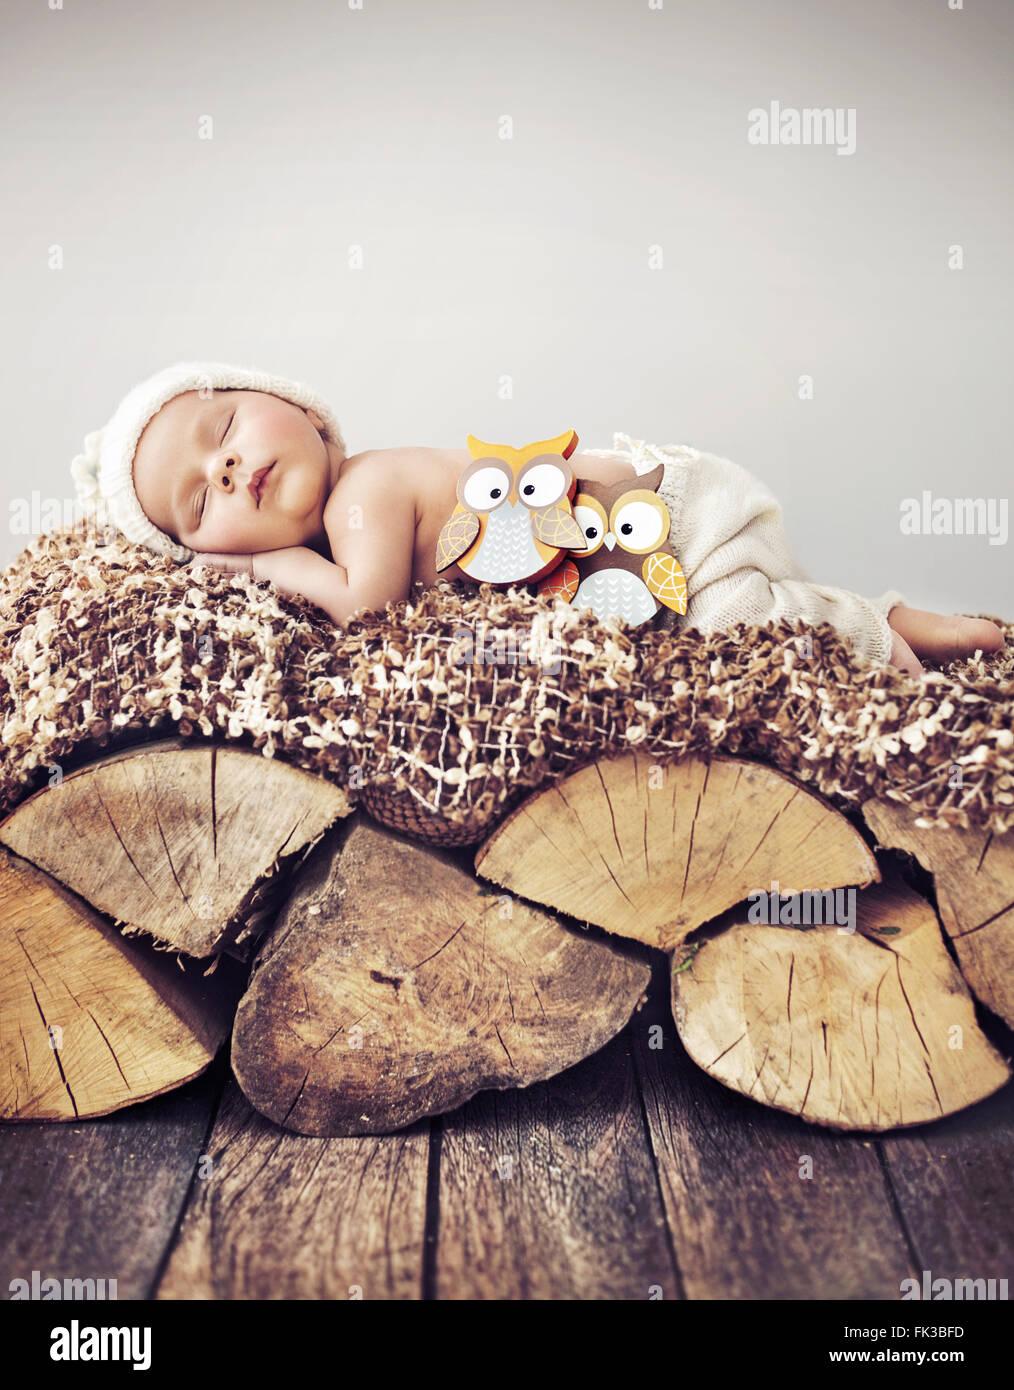 Ritratto di un bimbo che dorme sul legno Immagini Stock